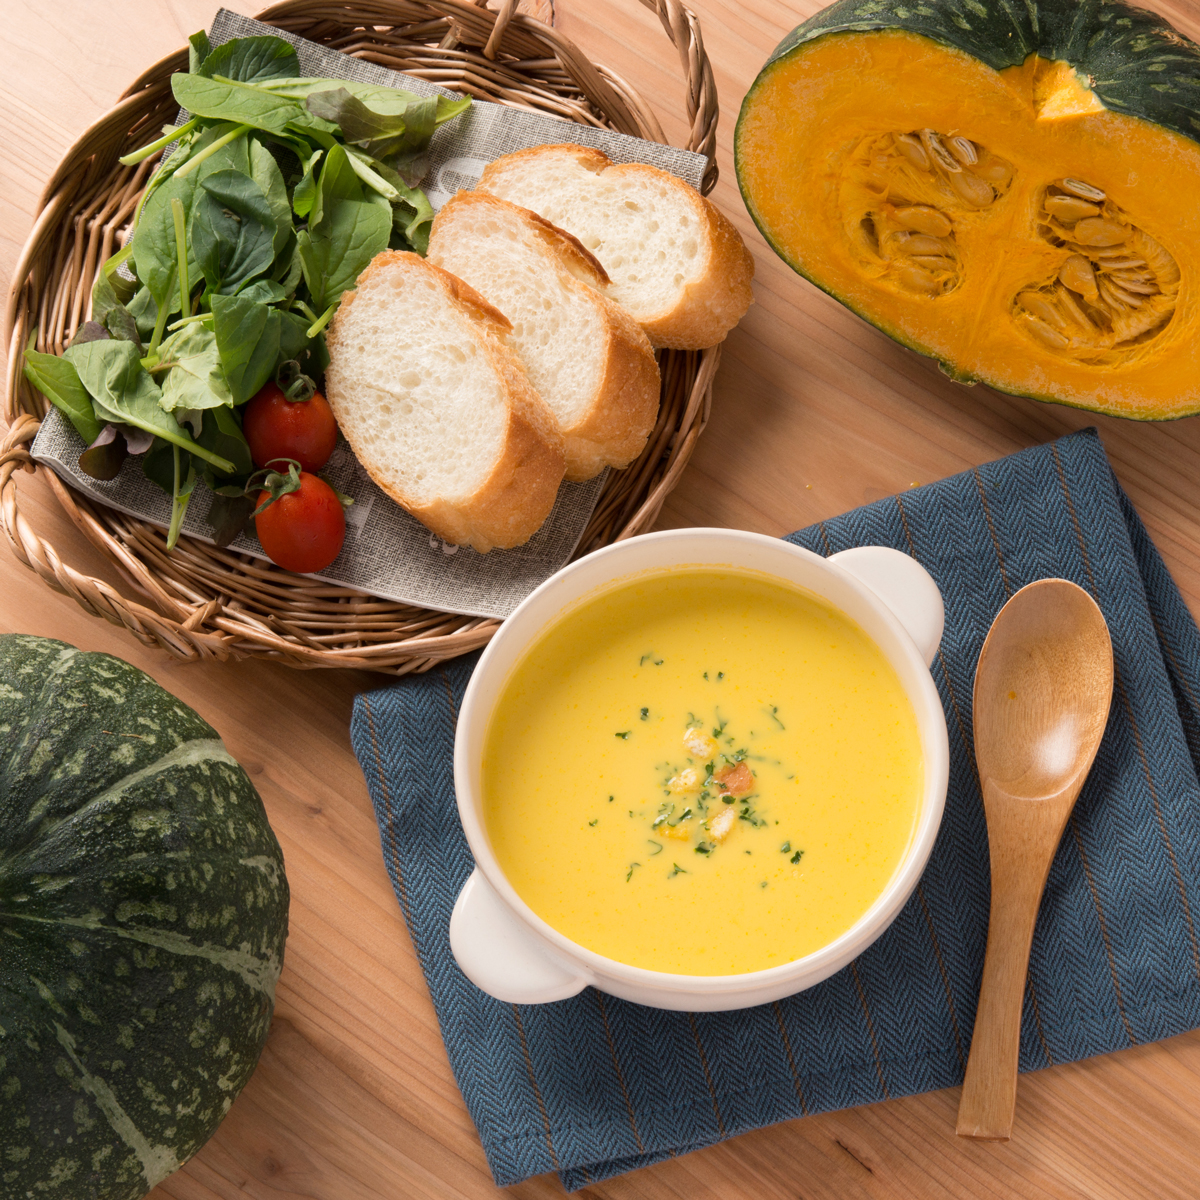 大城野菜生産農園加工所 かぼちゃスープと漉しカボチャ使って味わうスープの素〔スープ×3・素×4〕